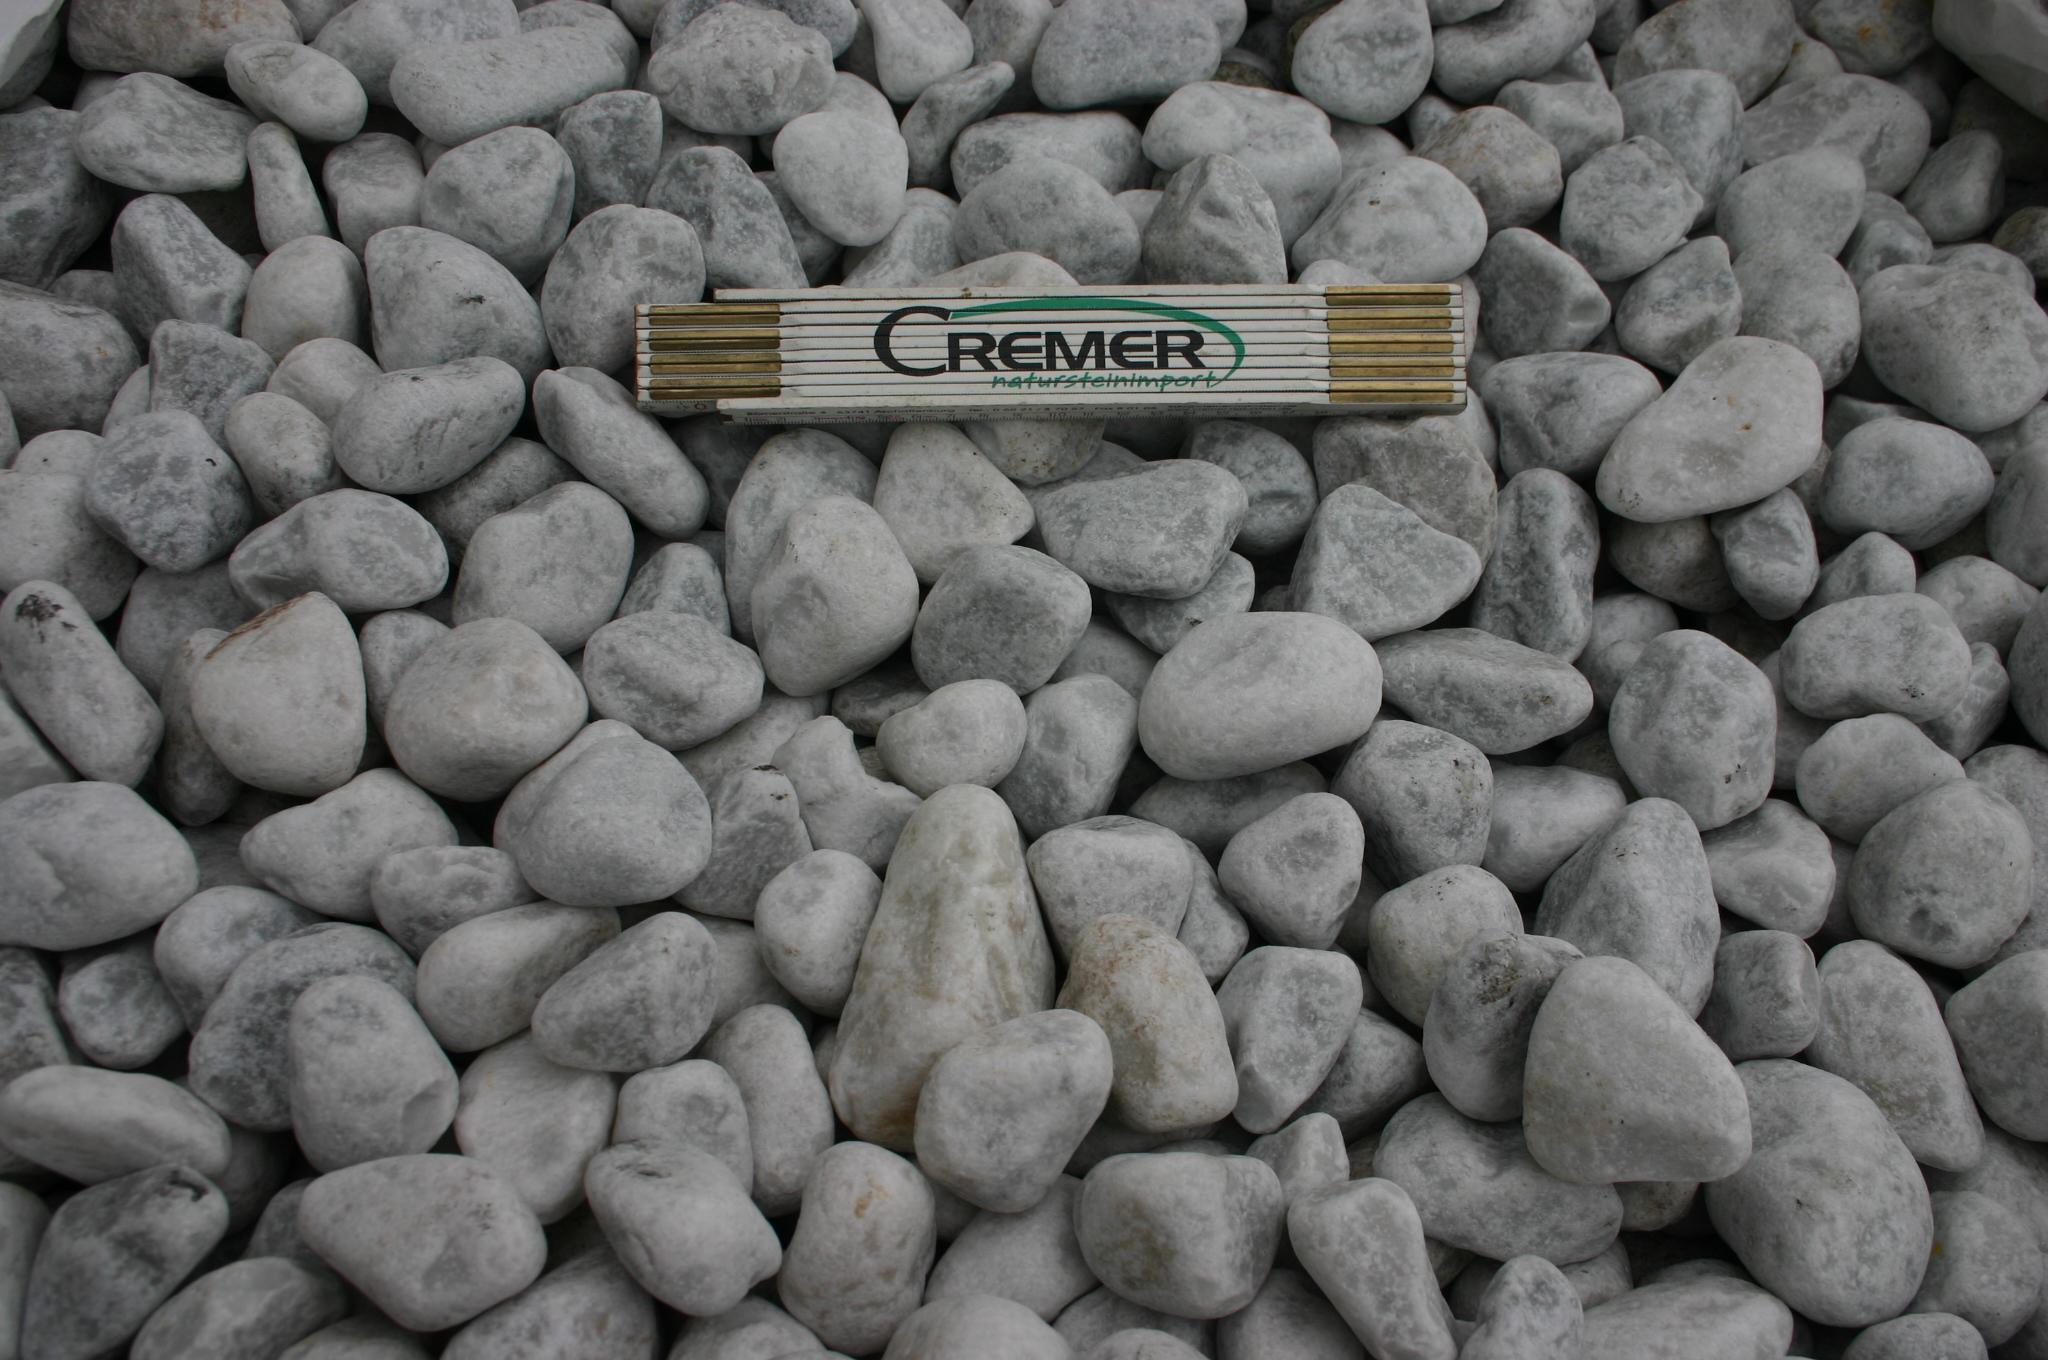 Marmor Carrara Weiss Kies Produkt Cremer Natursteinimport